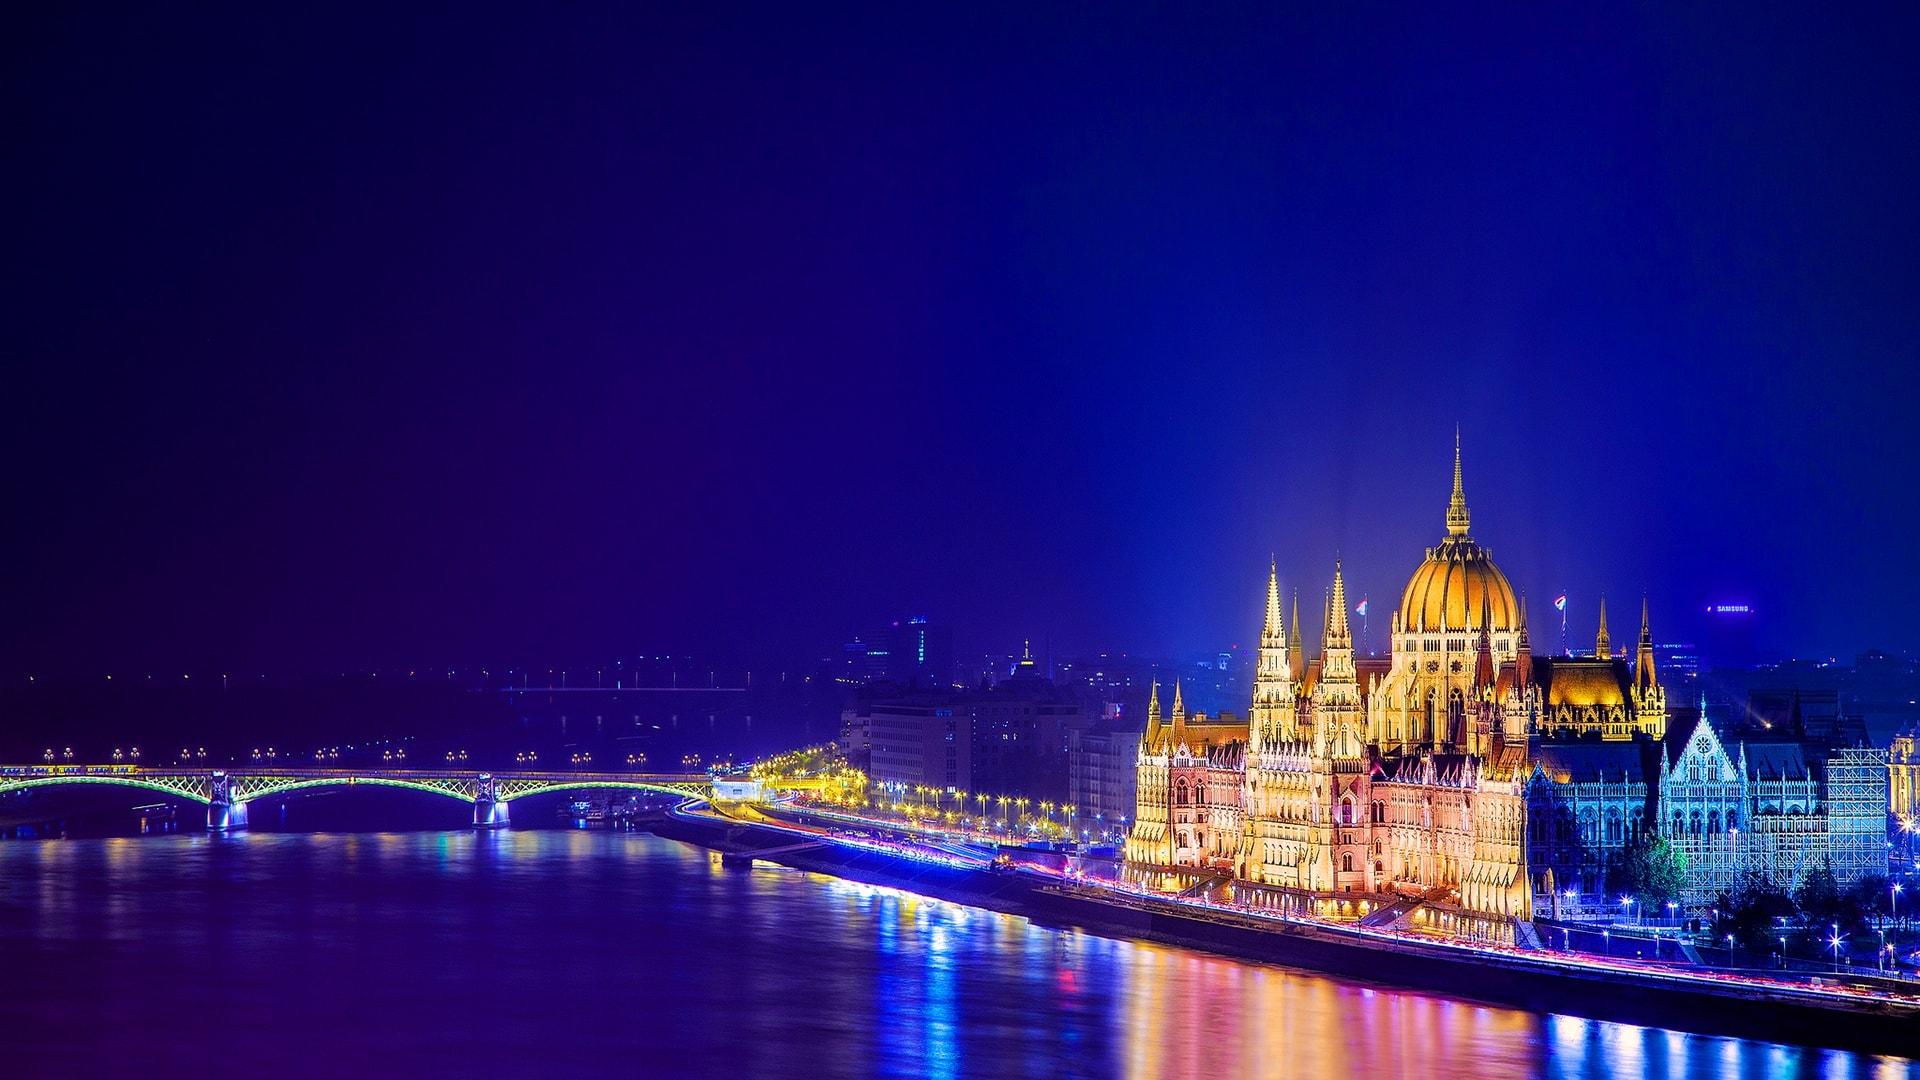 Budapest widescreen for desktop